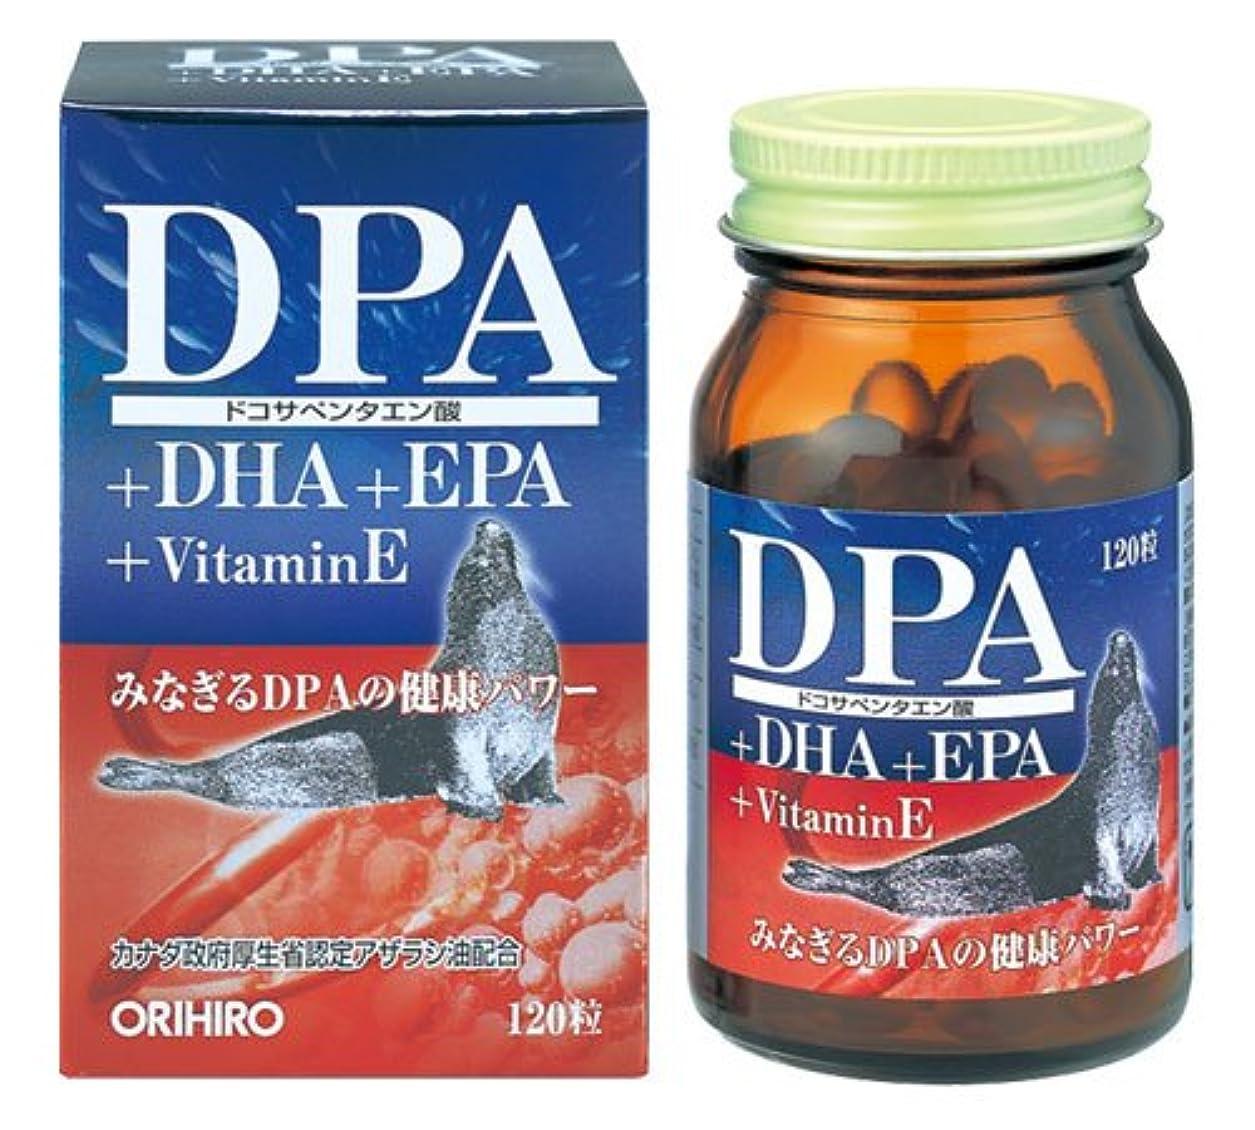 にじみ出る熱意姓DPA+DHA+EPAカプセル 120粒(約1ヶ月分)